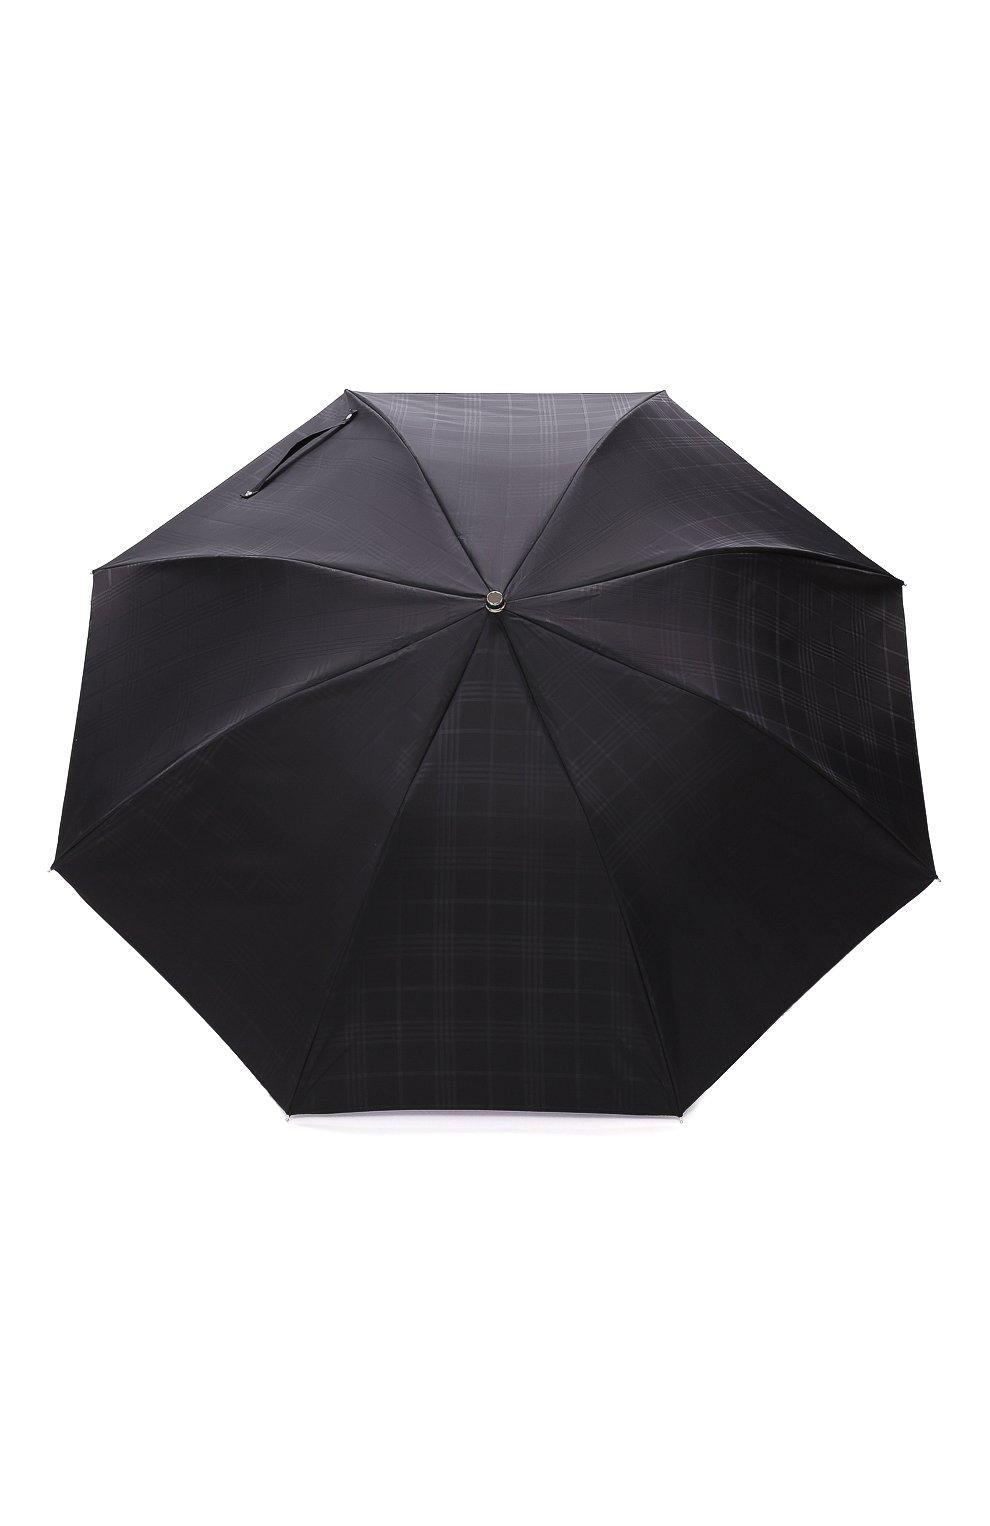 Мужской складной зонт PASOTTI OMBRELLI черного цвета, арт. 64S/RAS0 6434/19/PELLE D0LLAR0 | Фото 1 (Материал: Текстиль, Синтетический материал, Металл)